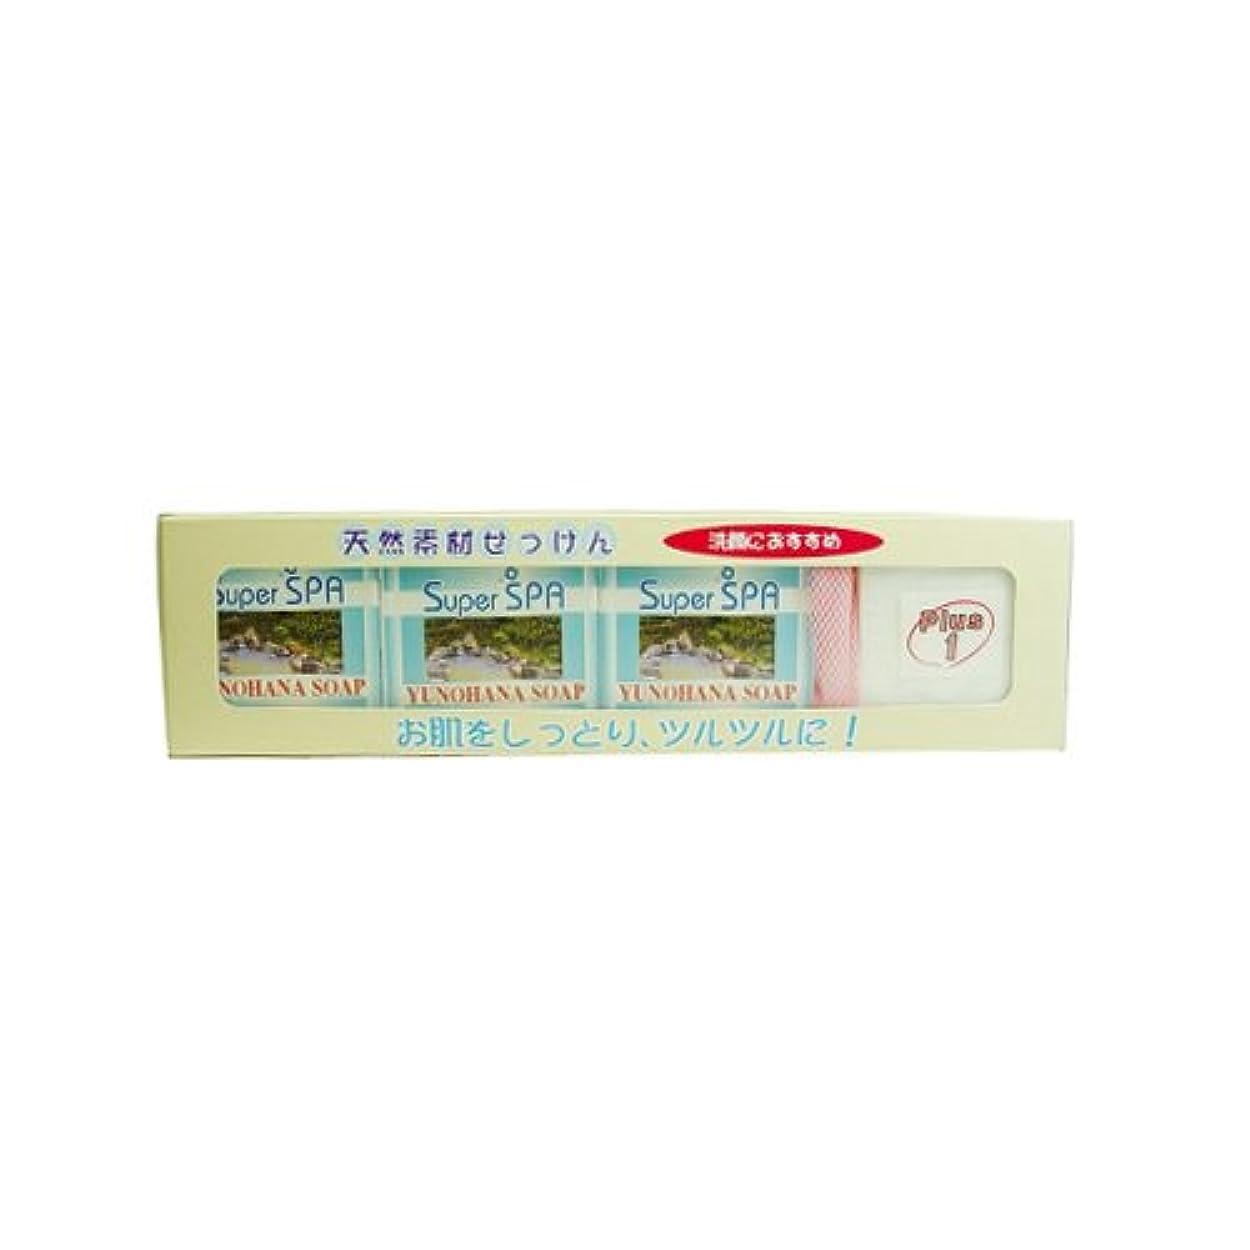 シャベル目に見える人気の湯の花石鹸(天然素材石鹸)‐KH212283